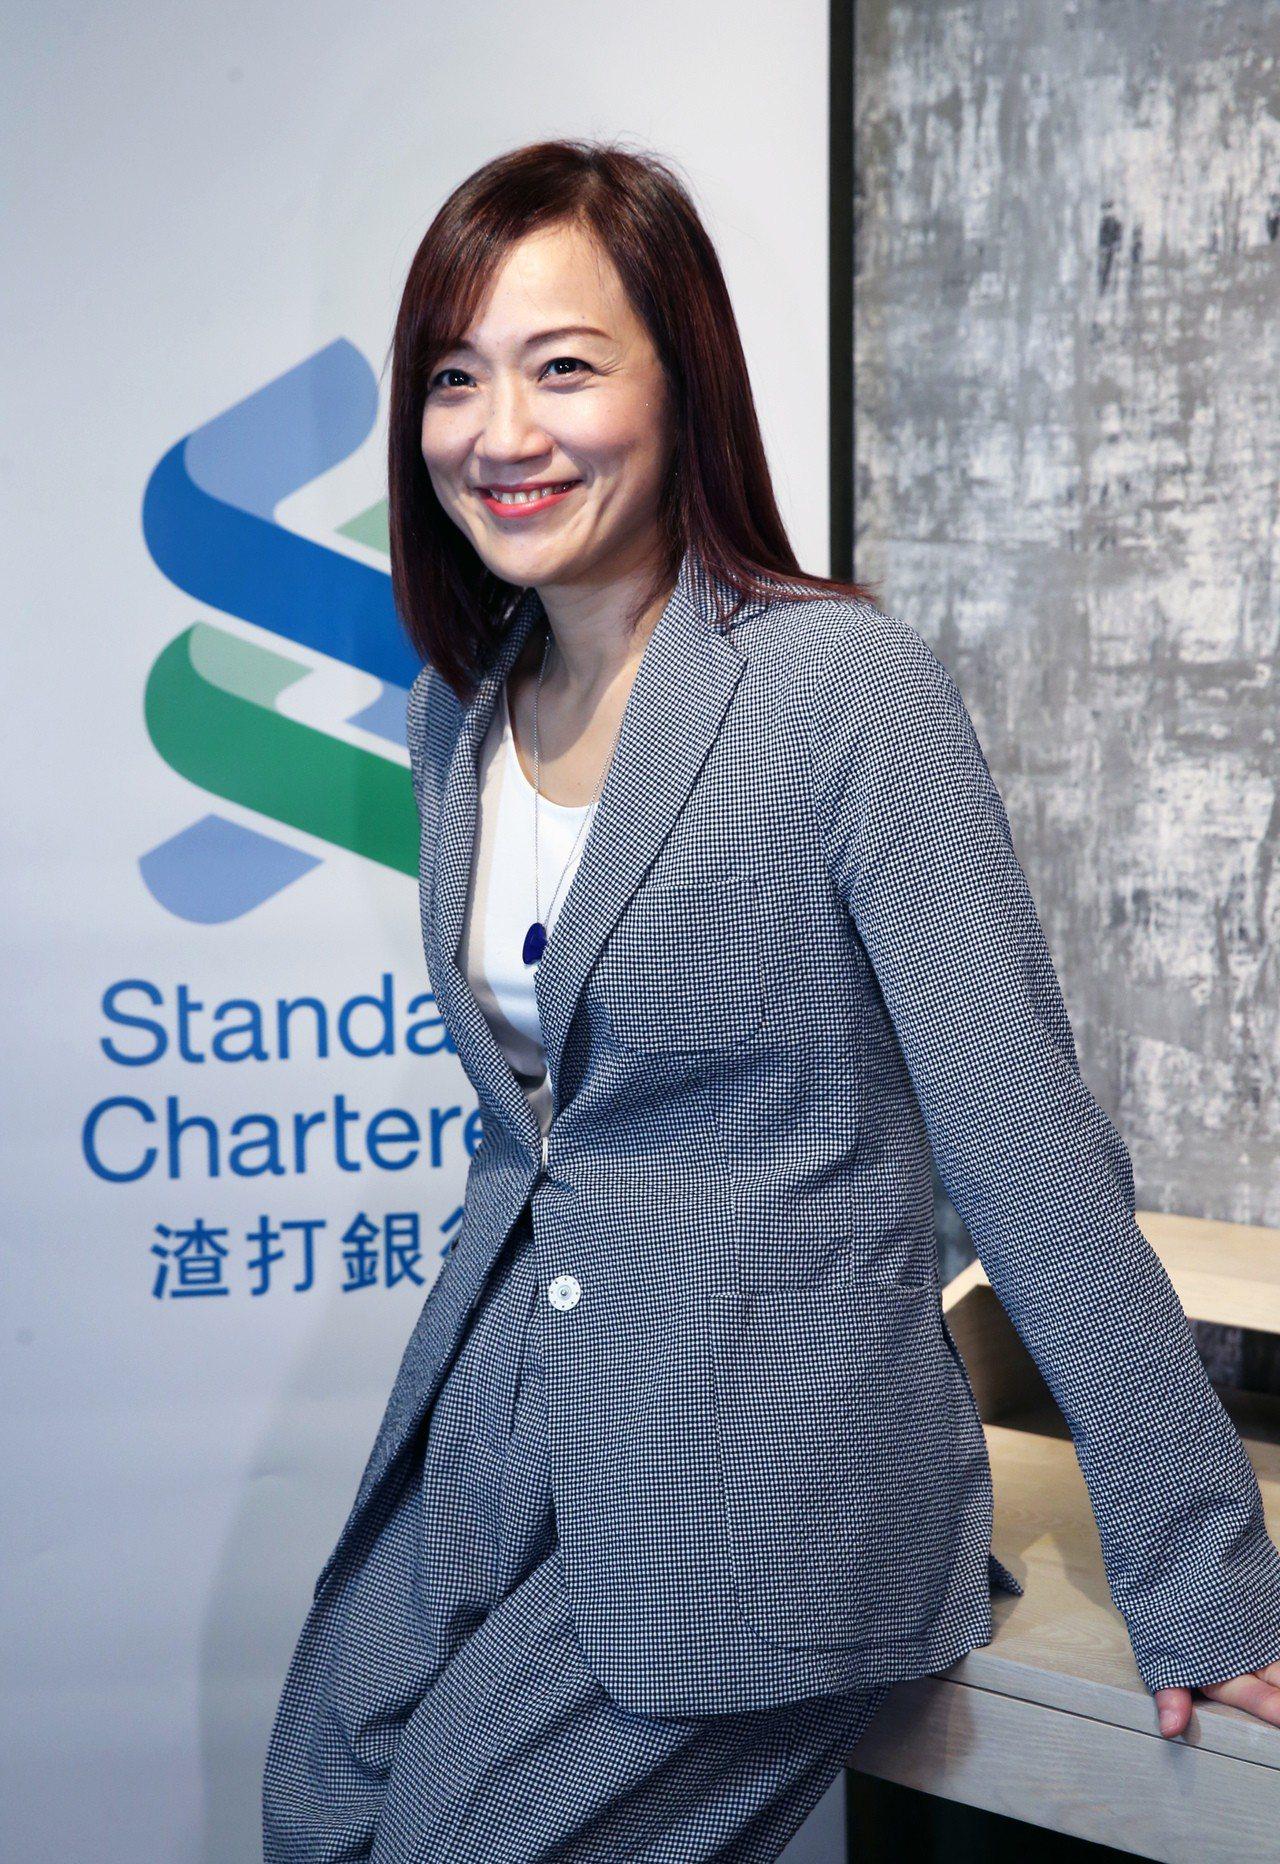 徐仲薇曾是發過20多張唱片的歌手,如今是渣打銀行東協暨南亞地區行政總裁,掌管該區...